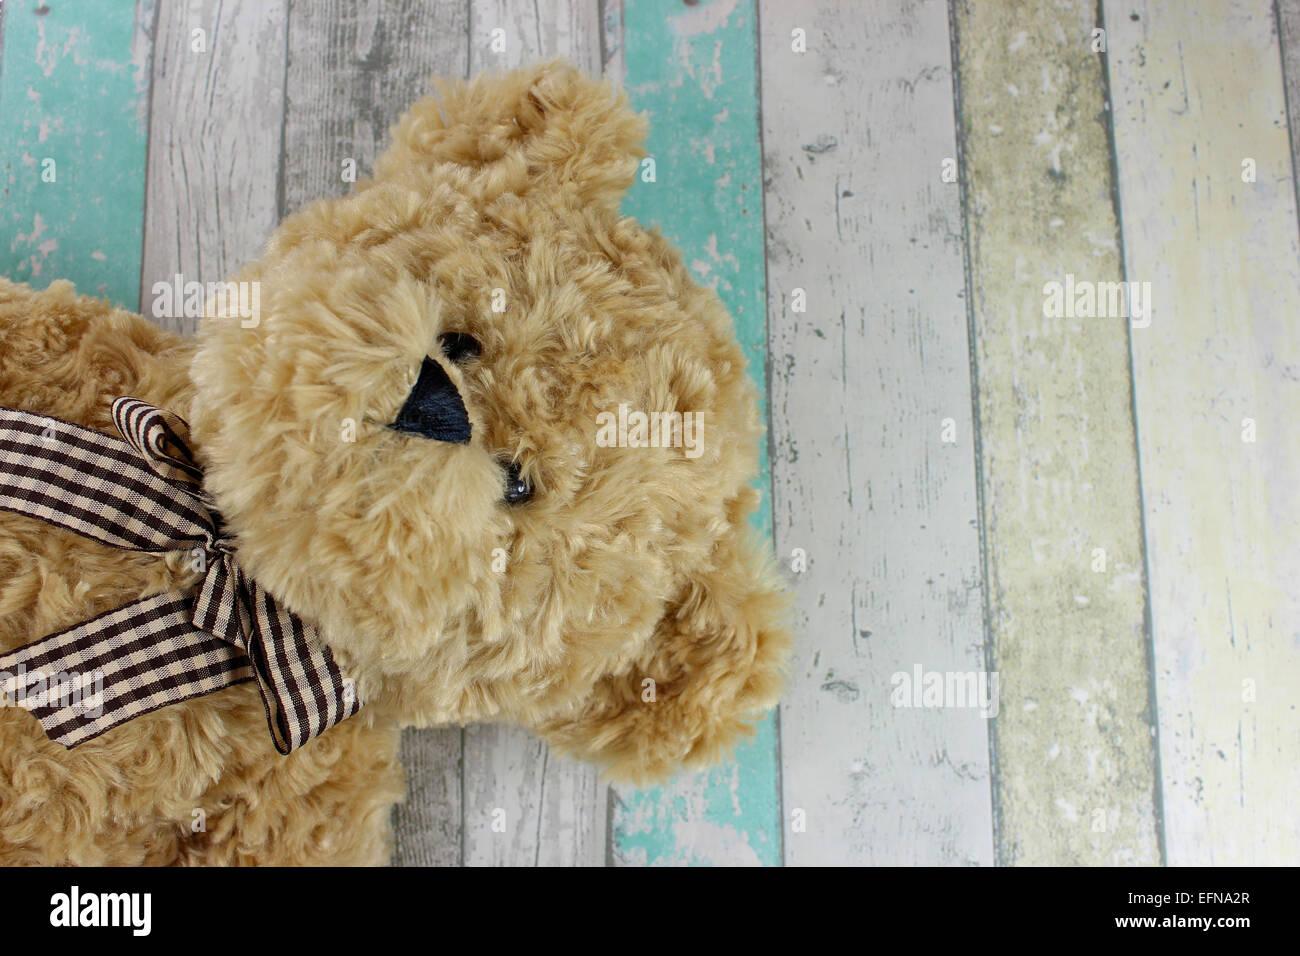 Mignon ours en peluche sur un fond en bois vieilli. Photo Stock